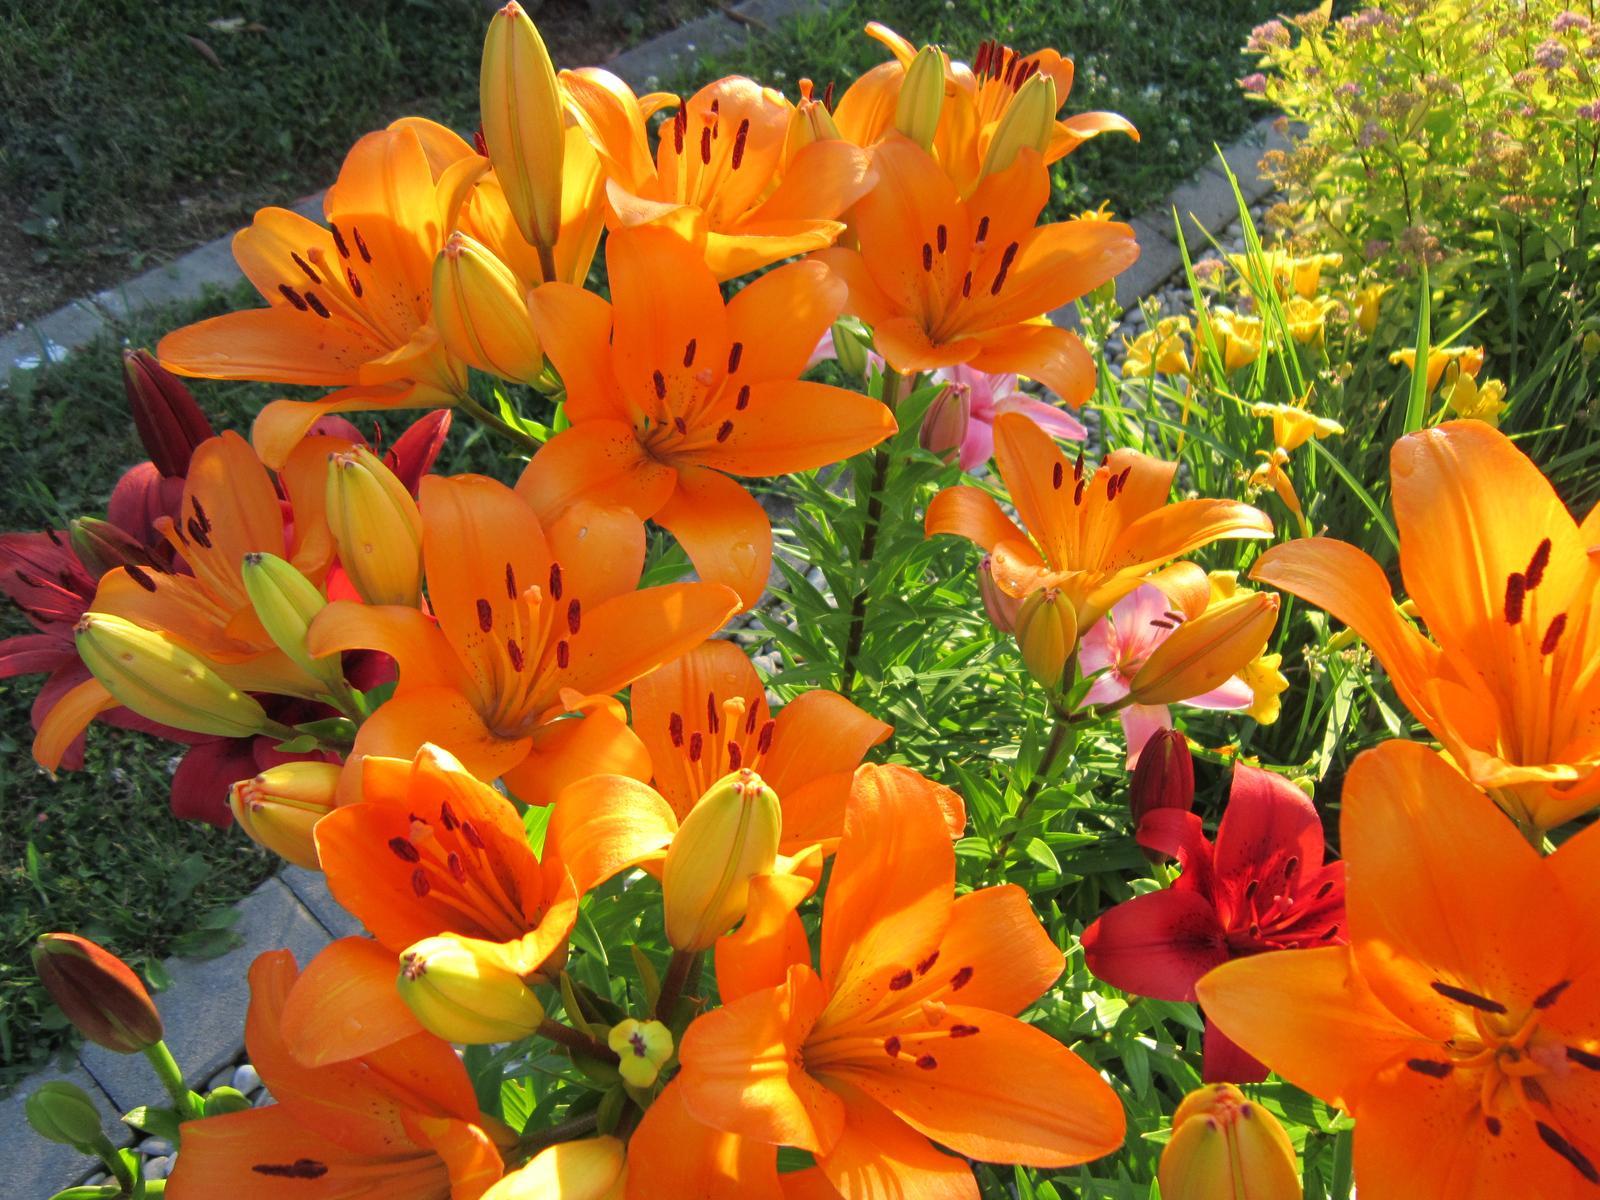 Pozvanie do našej jarnej záhrady - Ľalie rozžiarili celú záhradu